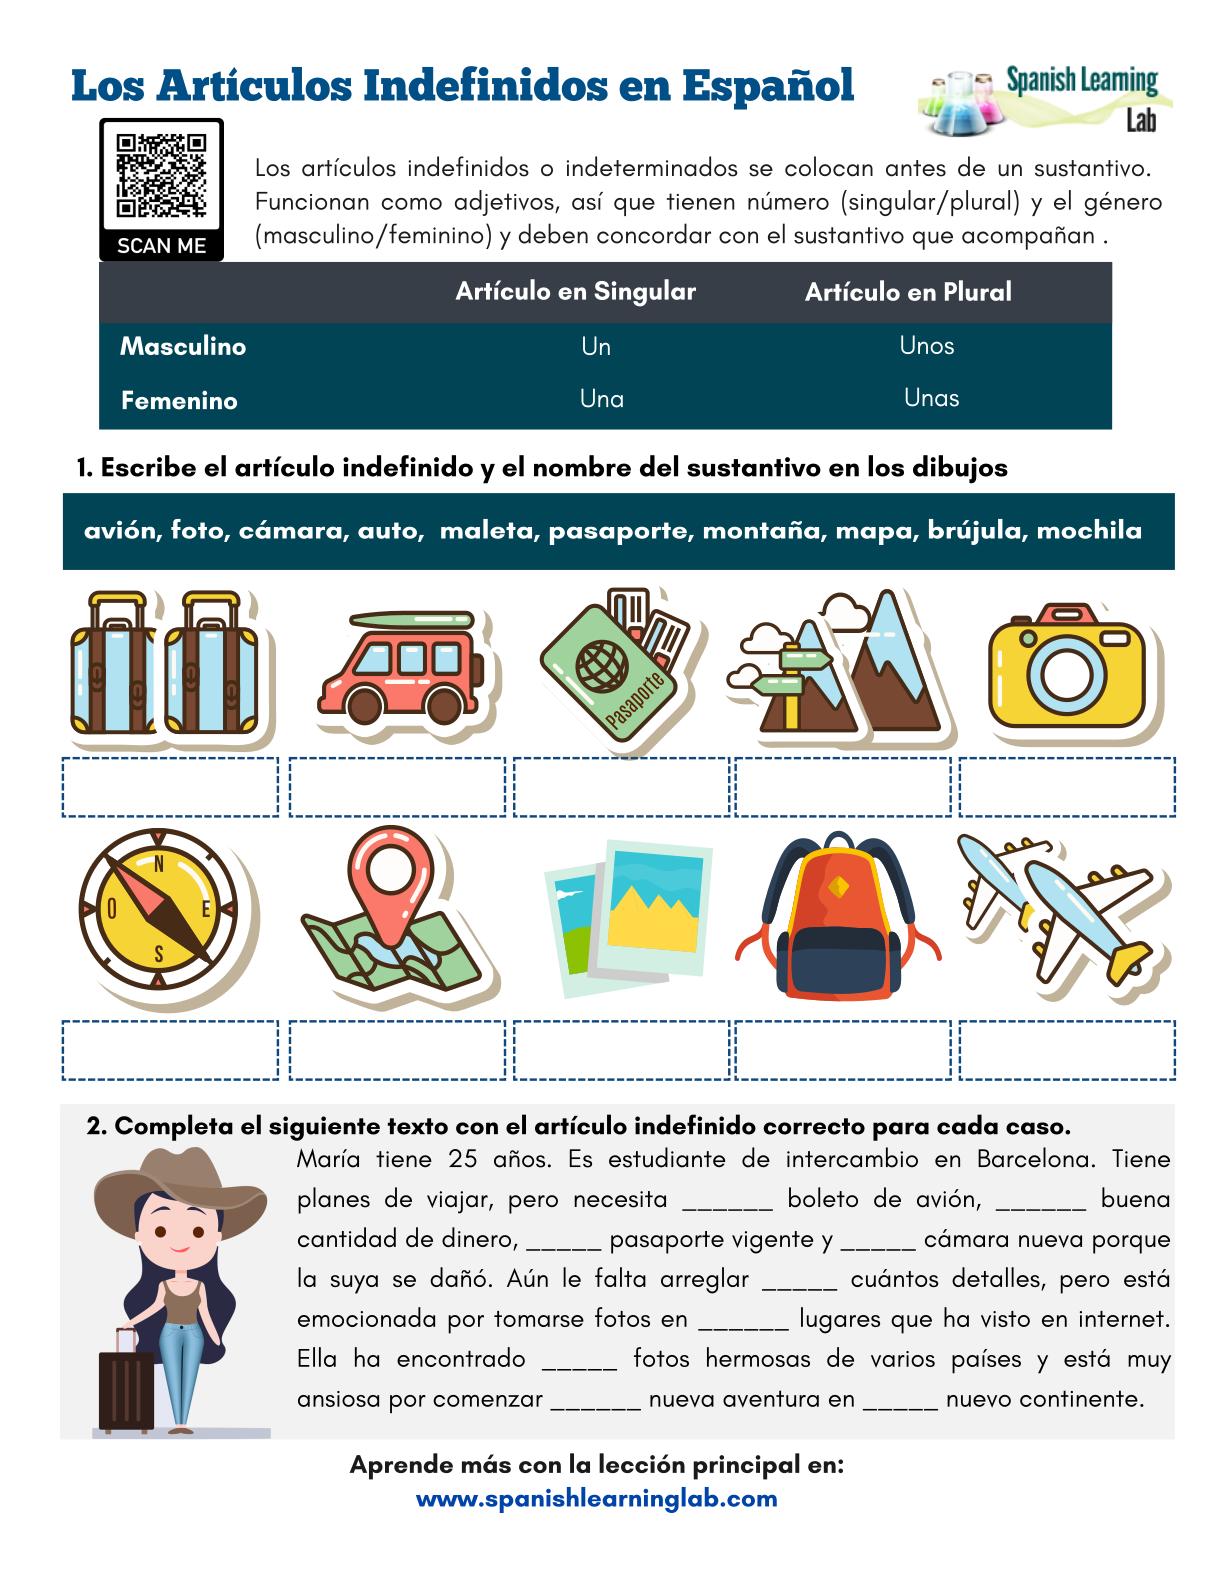 Los Artículos Indefinidos En Español Ejercicios En Pdf Spanishlearninglab